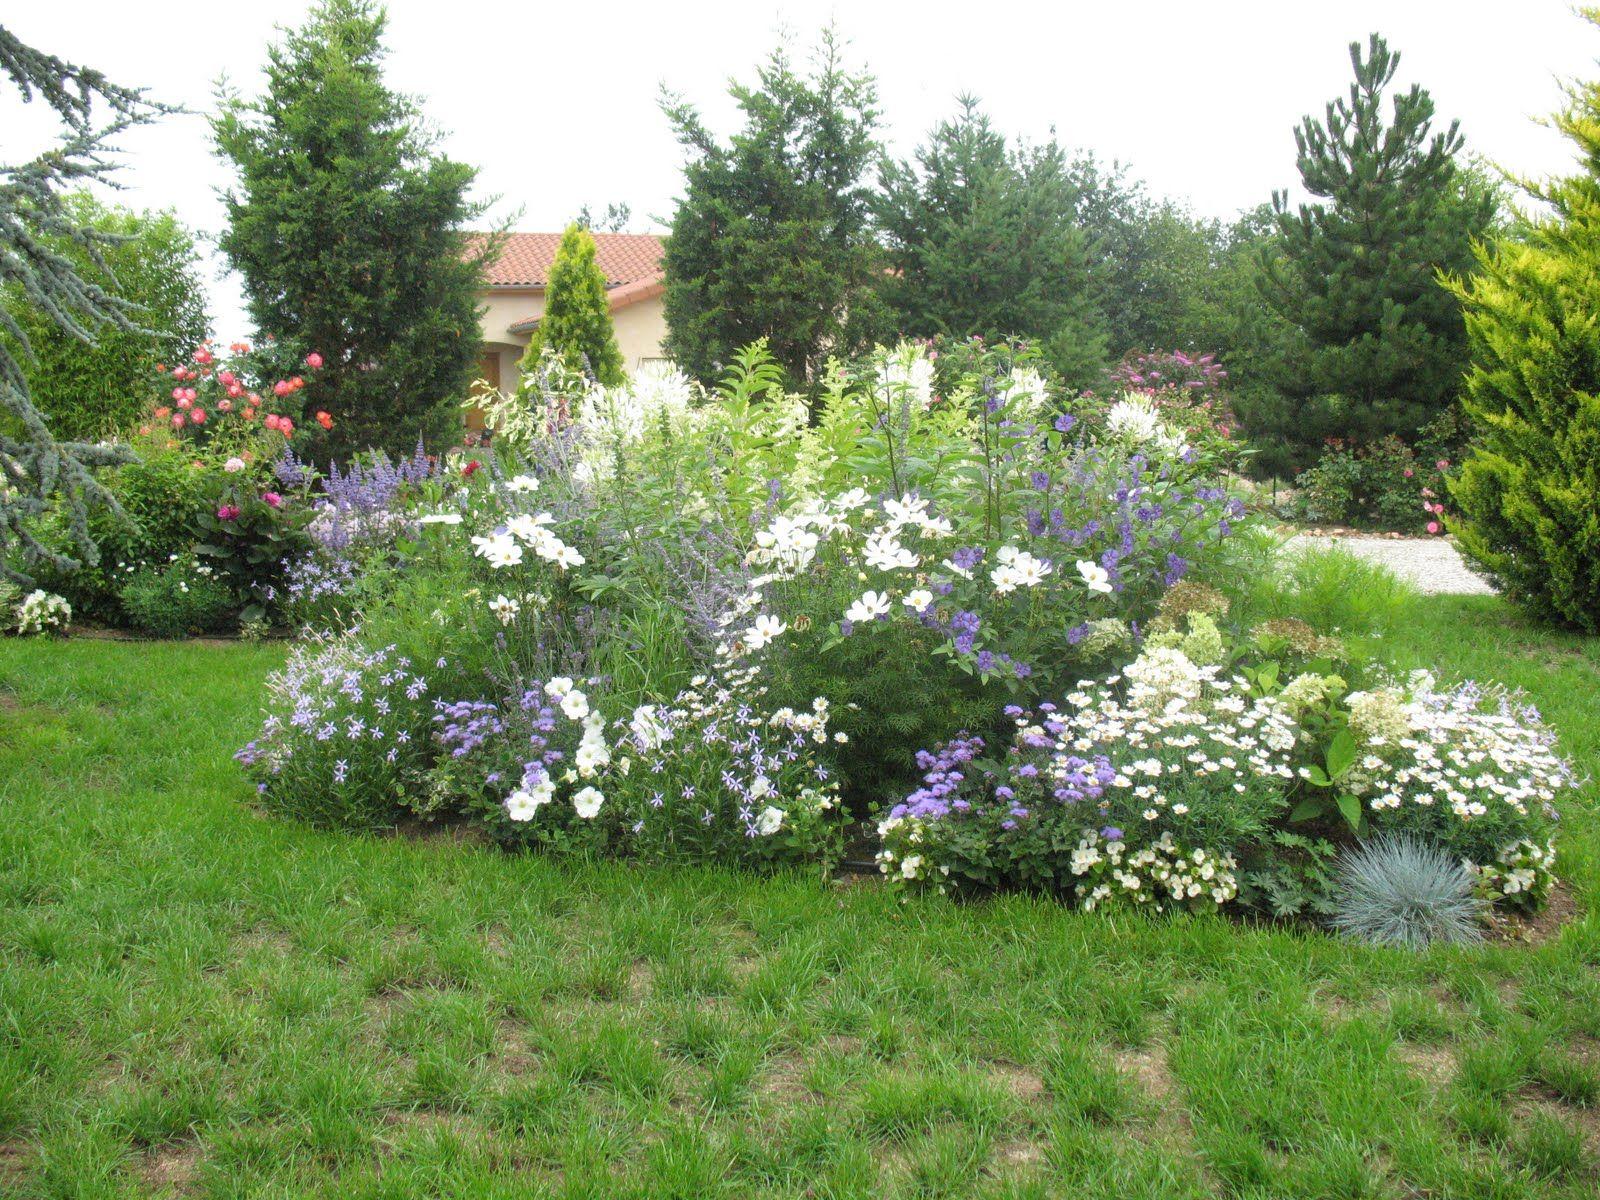 situ au centre du jardin ce massif tait jusqu 39 pr sent recouvert de plantes annuelles. Black Bedroom Furniture Sets. Home Design Ideas